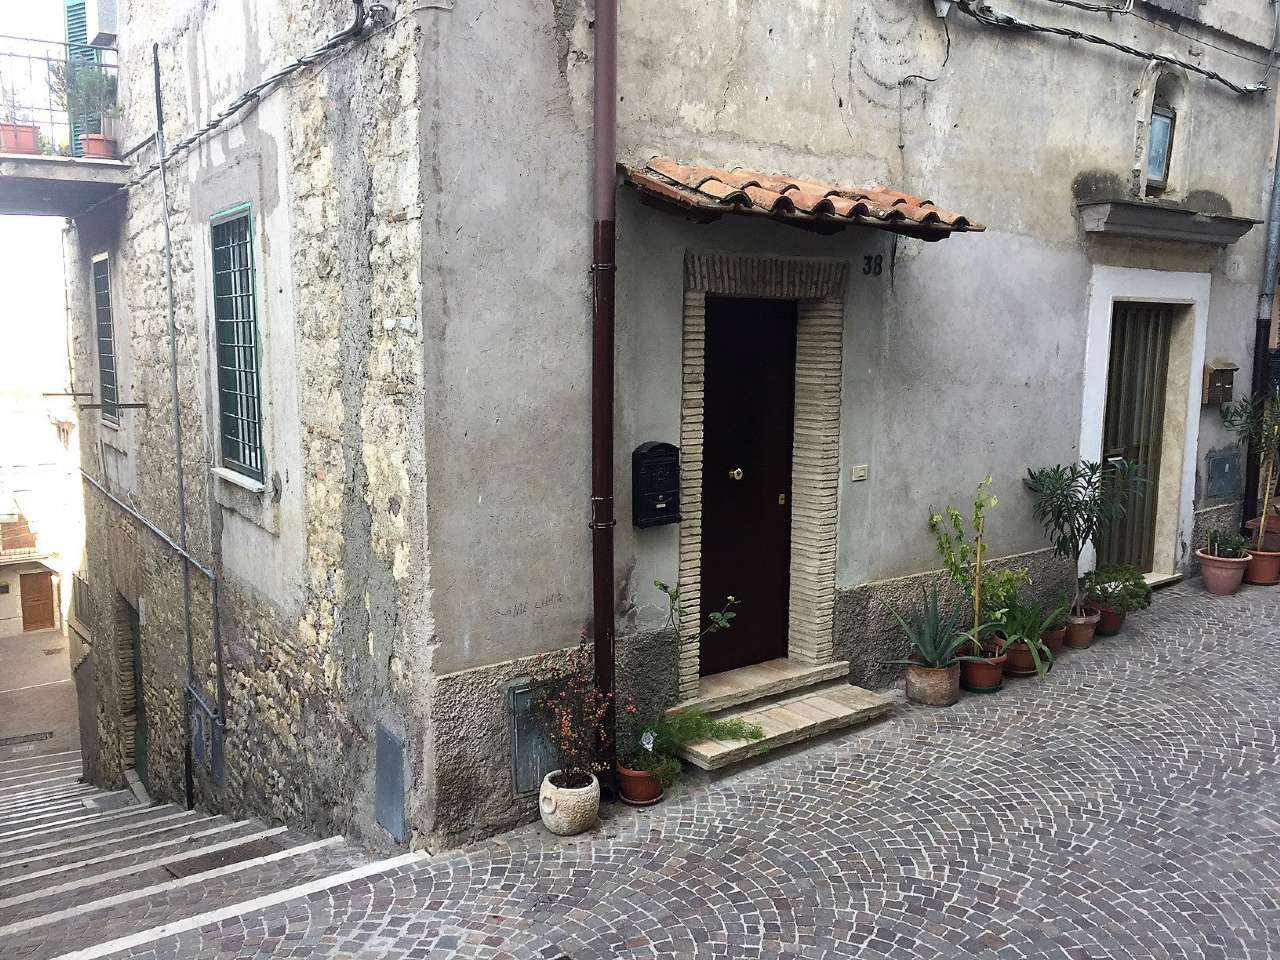 Appartamento in vendita a Civitella San Paolo, 3 locali, prezzo € 52.000 | CambioCasa.it